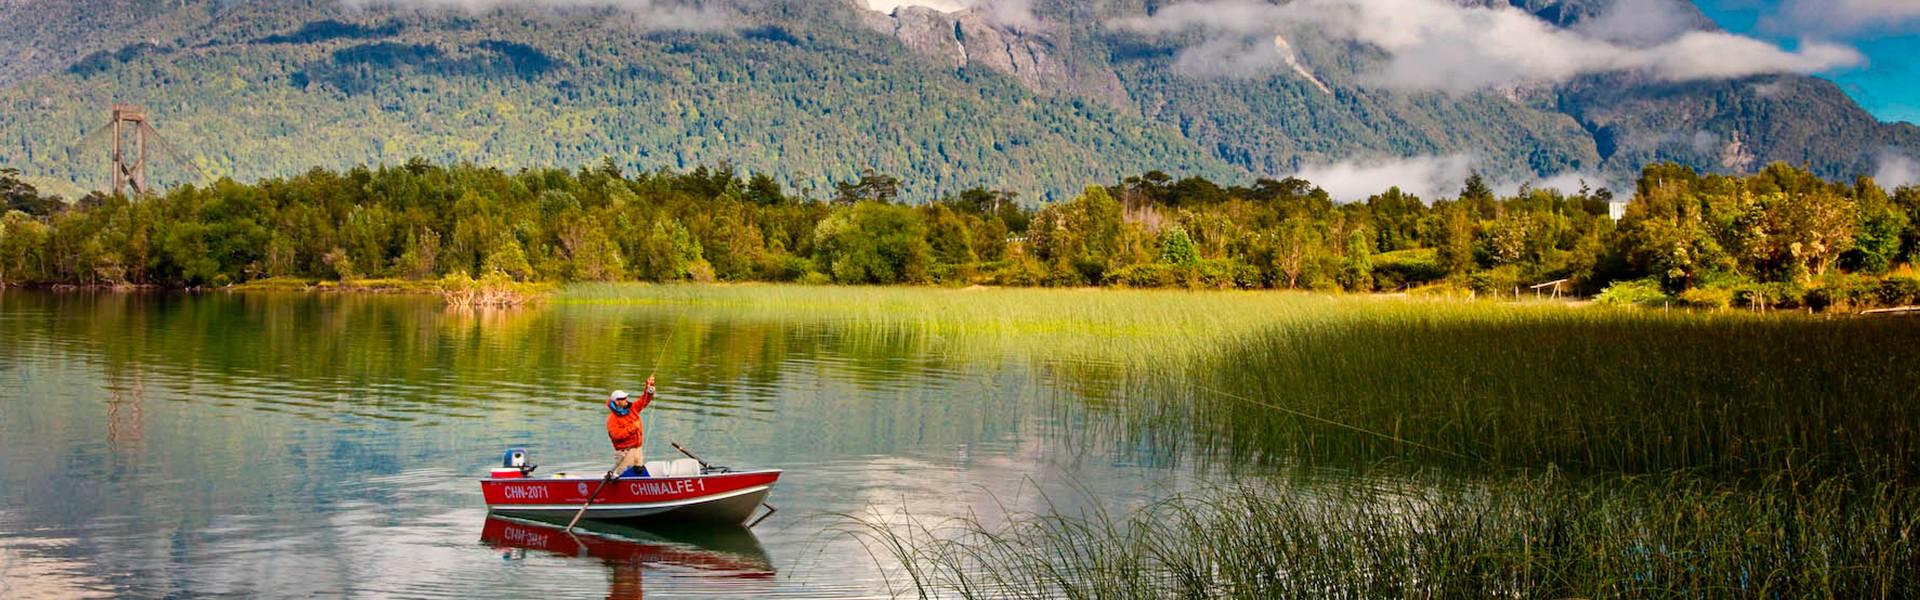 Muita pesca esportiva e turismo na mesma viagem